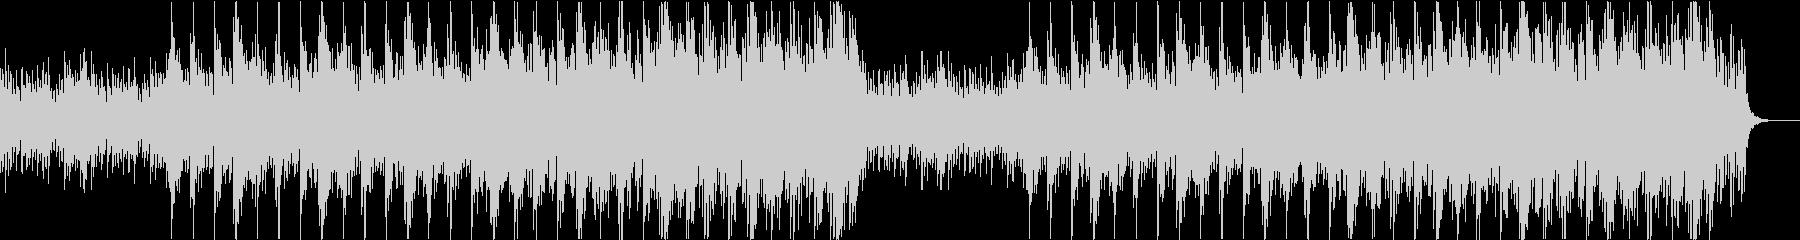 ファンタジーで壮大な雰囲気のピアノBGMの未再生の波形